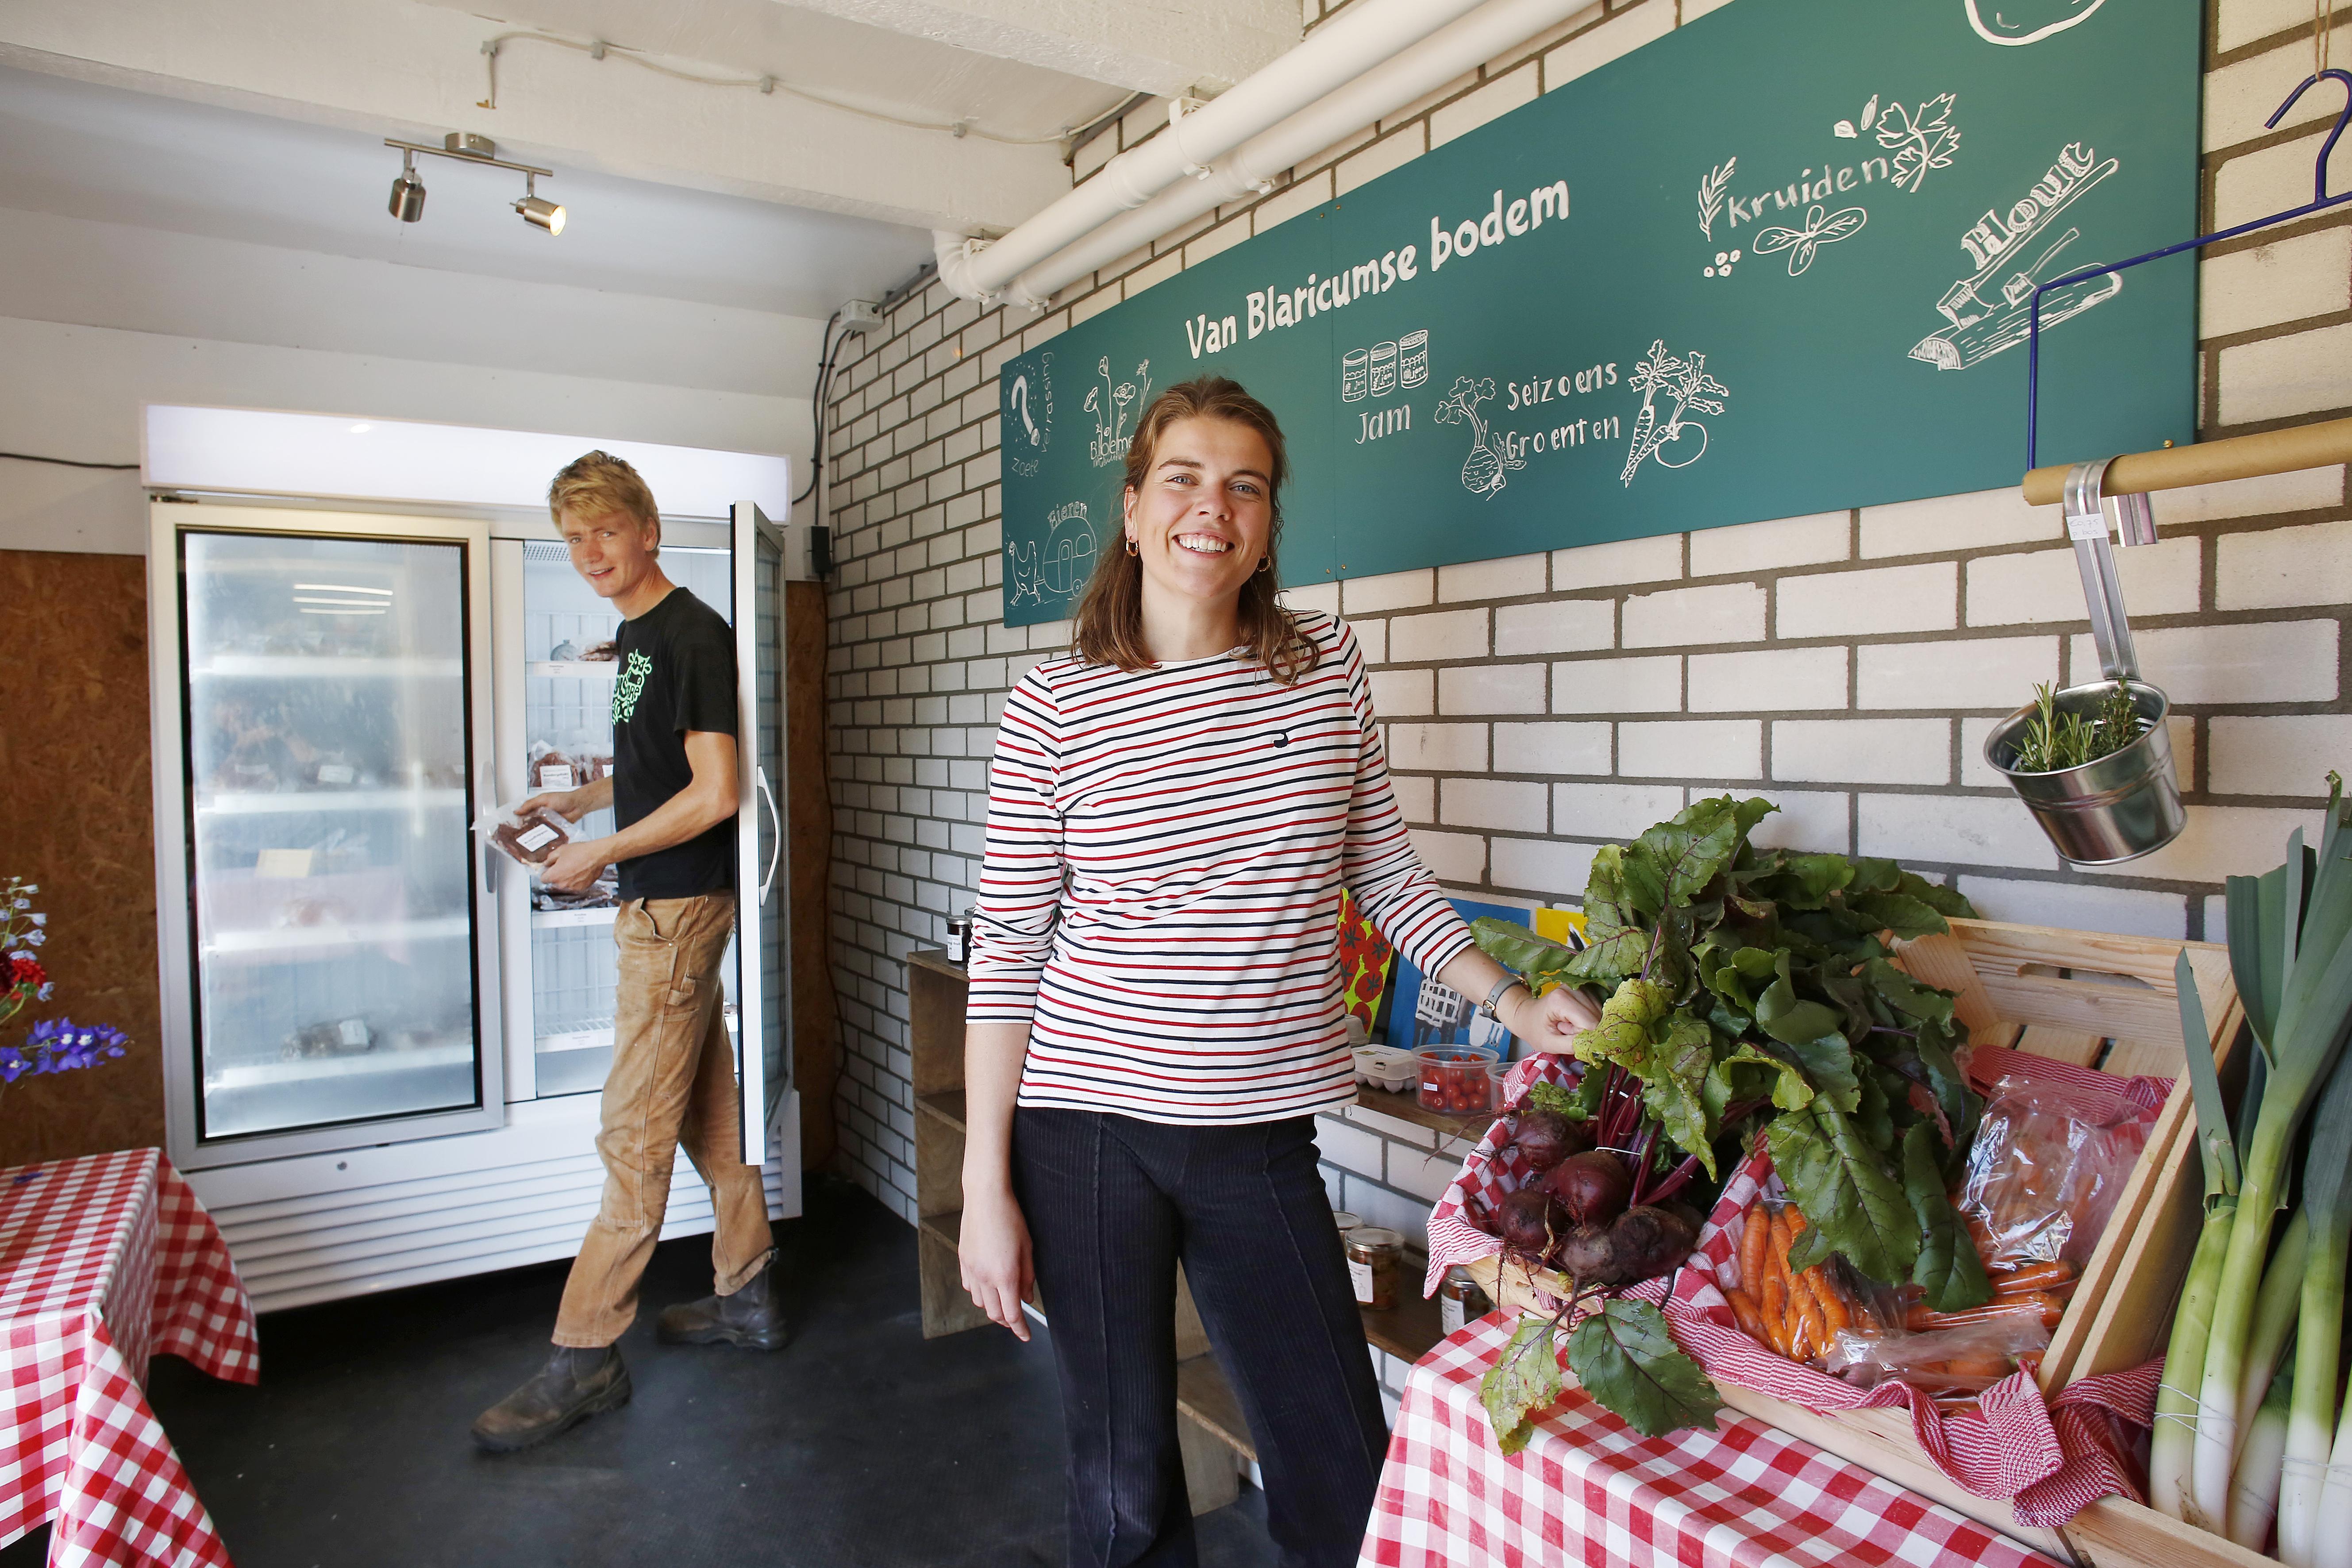 'Als het op is, is het op'. Boer Joep de Jong opent een winkeltje met producten van Blaricumse bodem.